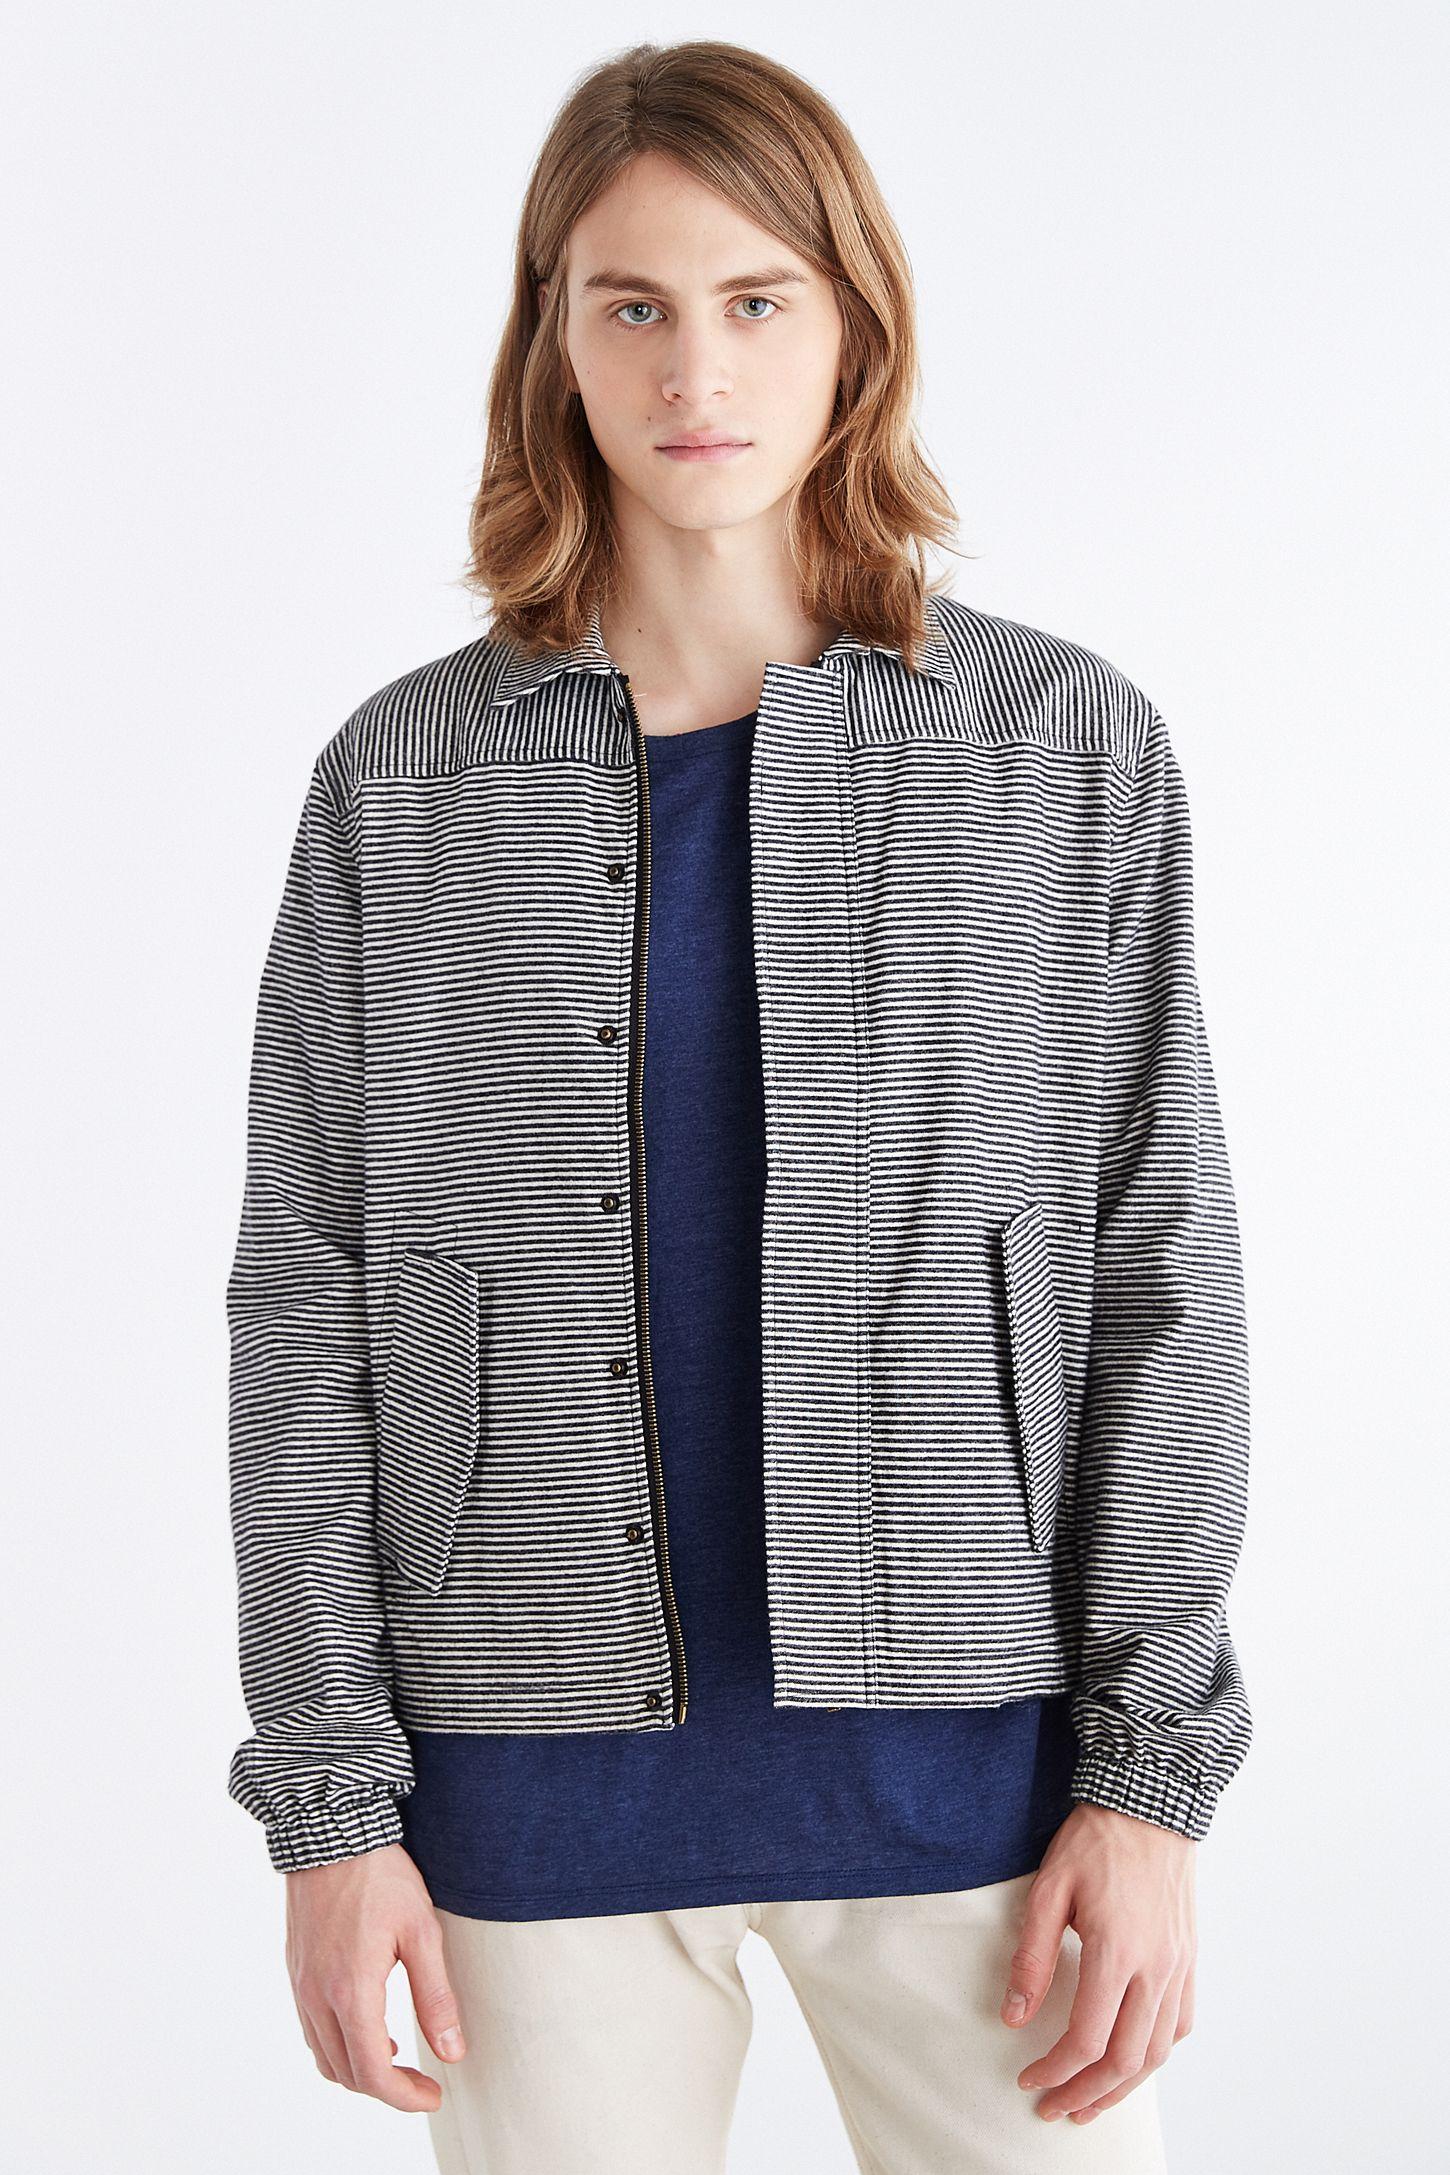 Vanishing Elephant Striped Shirt Jacket  8e439b4fa